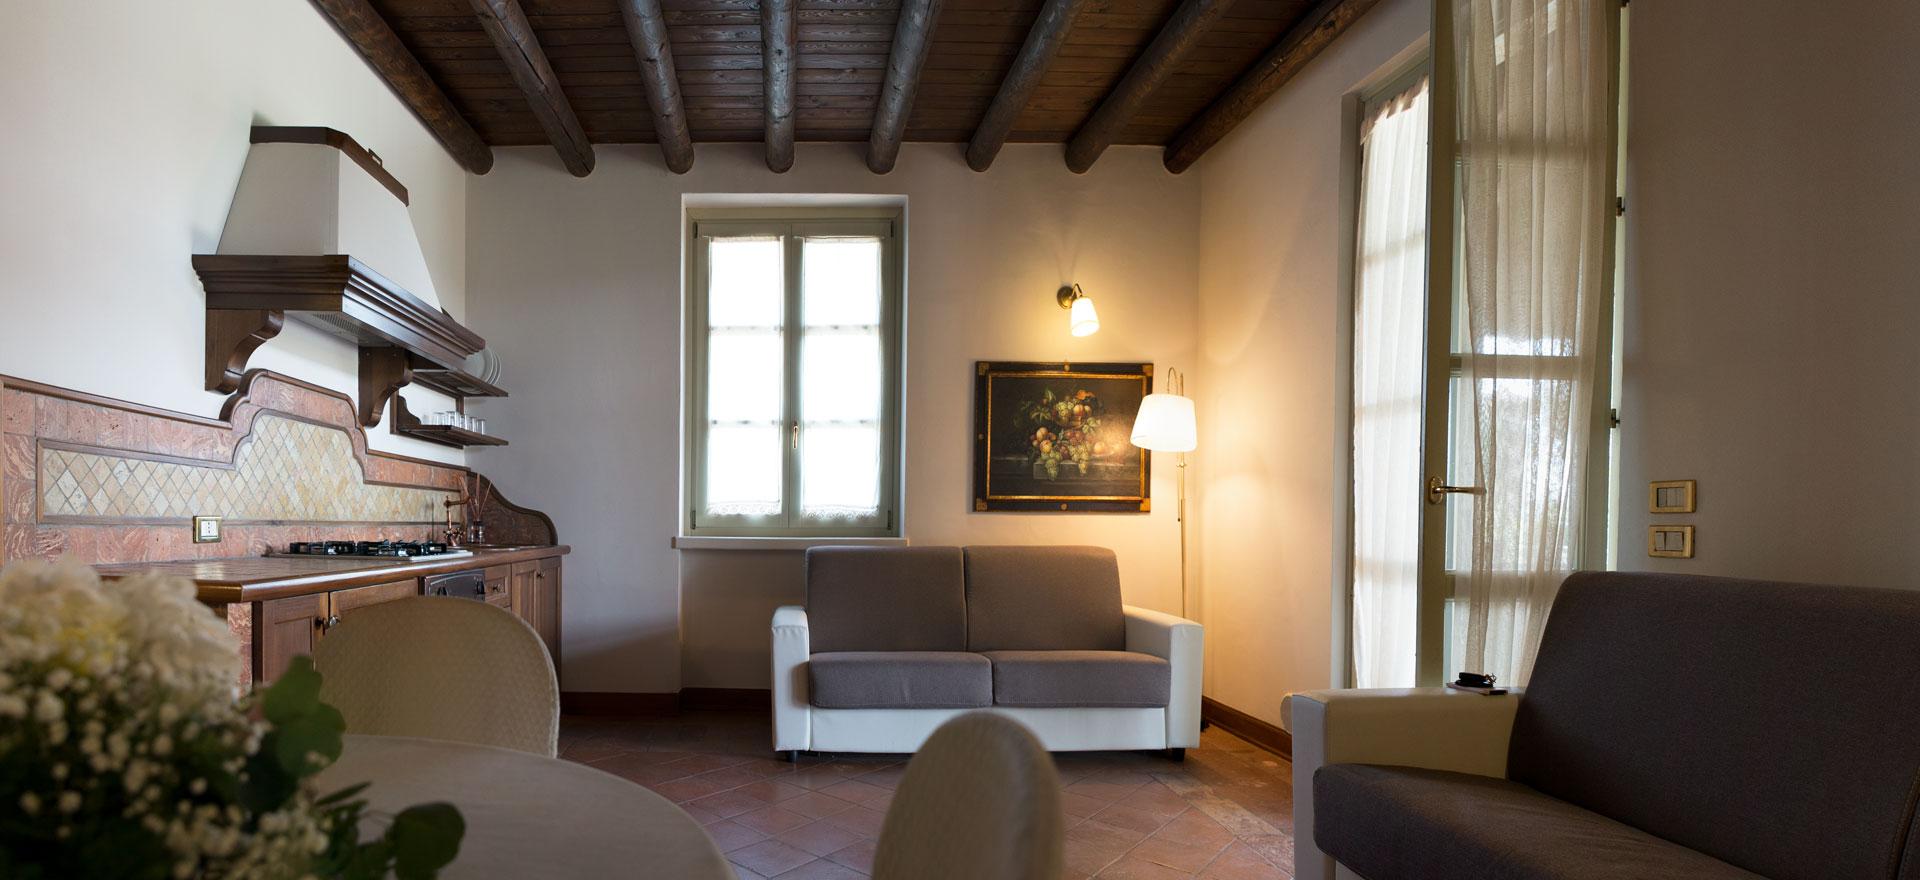 solive alloggi in franciacorta, sala di ingresso